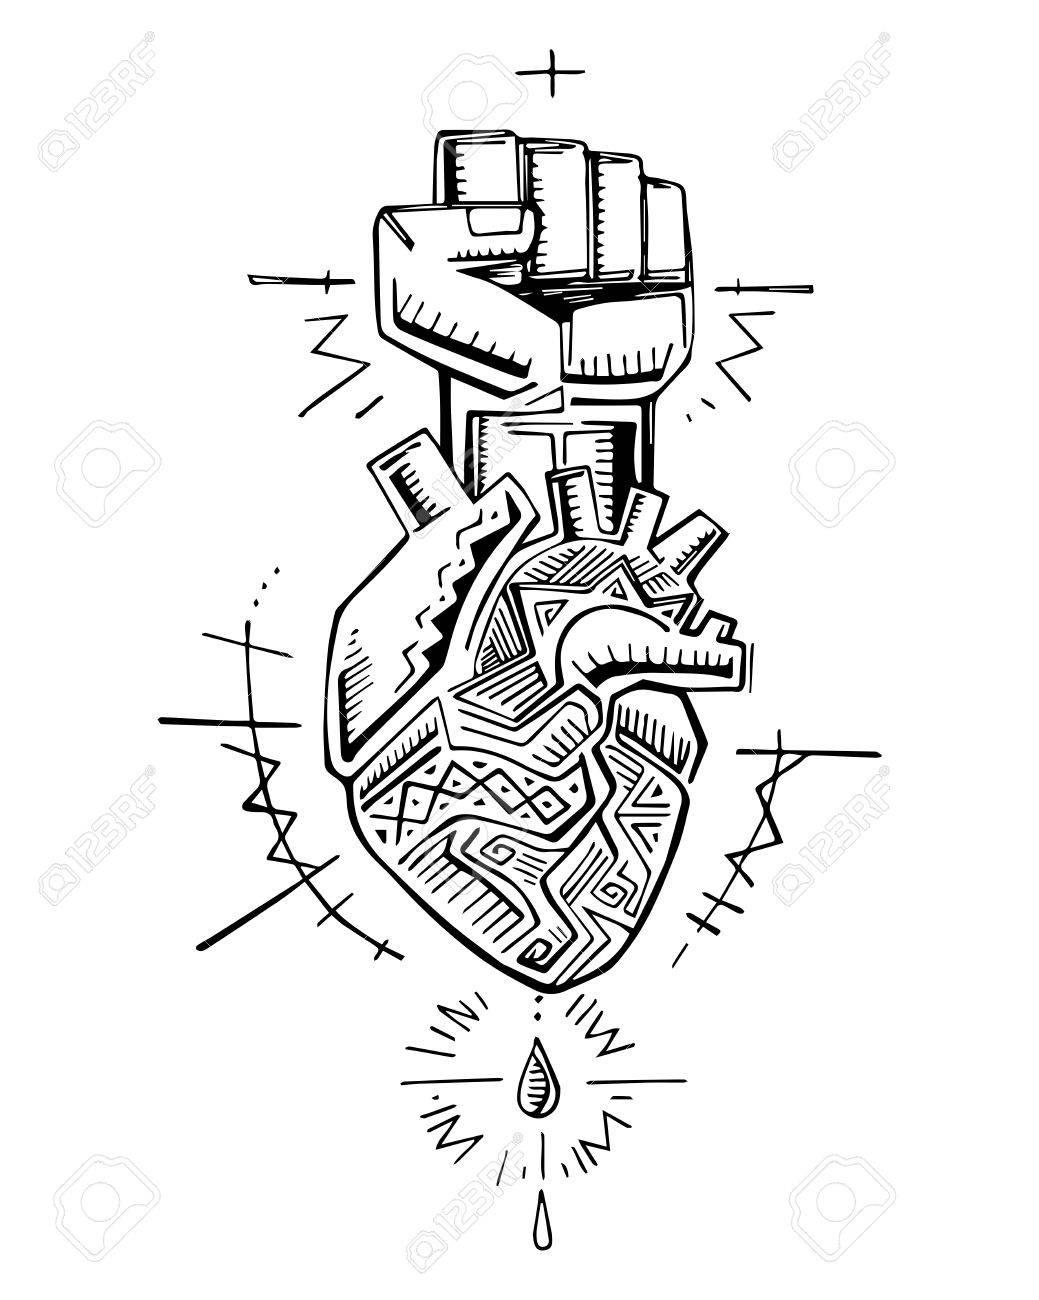 Illustration Dessiné à La Main Ou Dessin D Un Coeur Humain Et D Un Poing Avec Des Symboles Indigènes